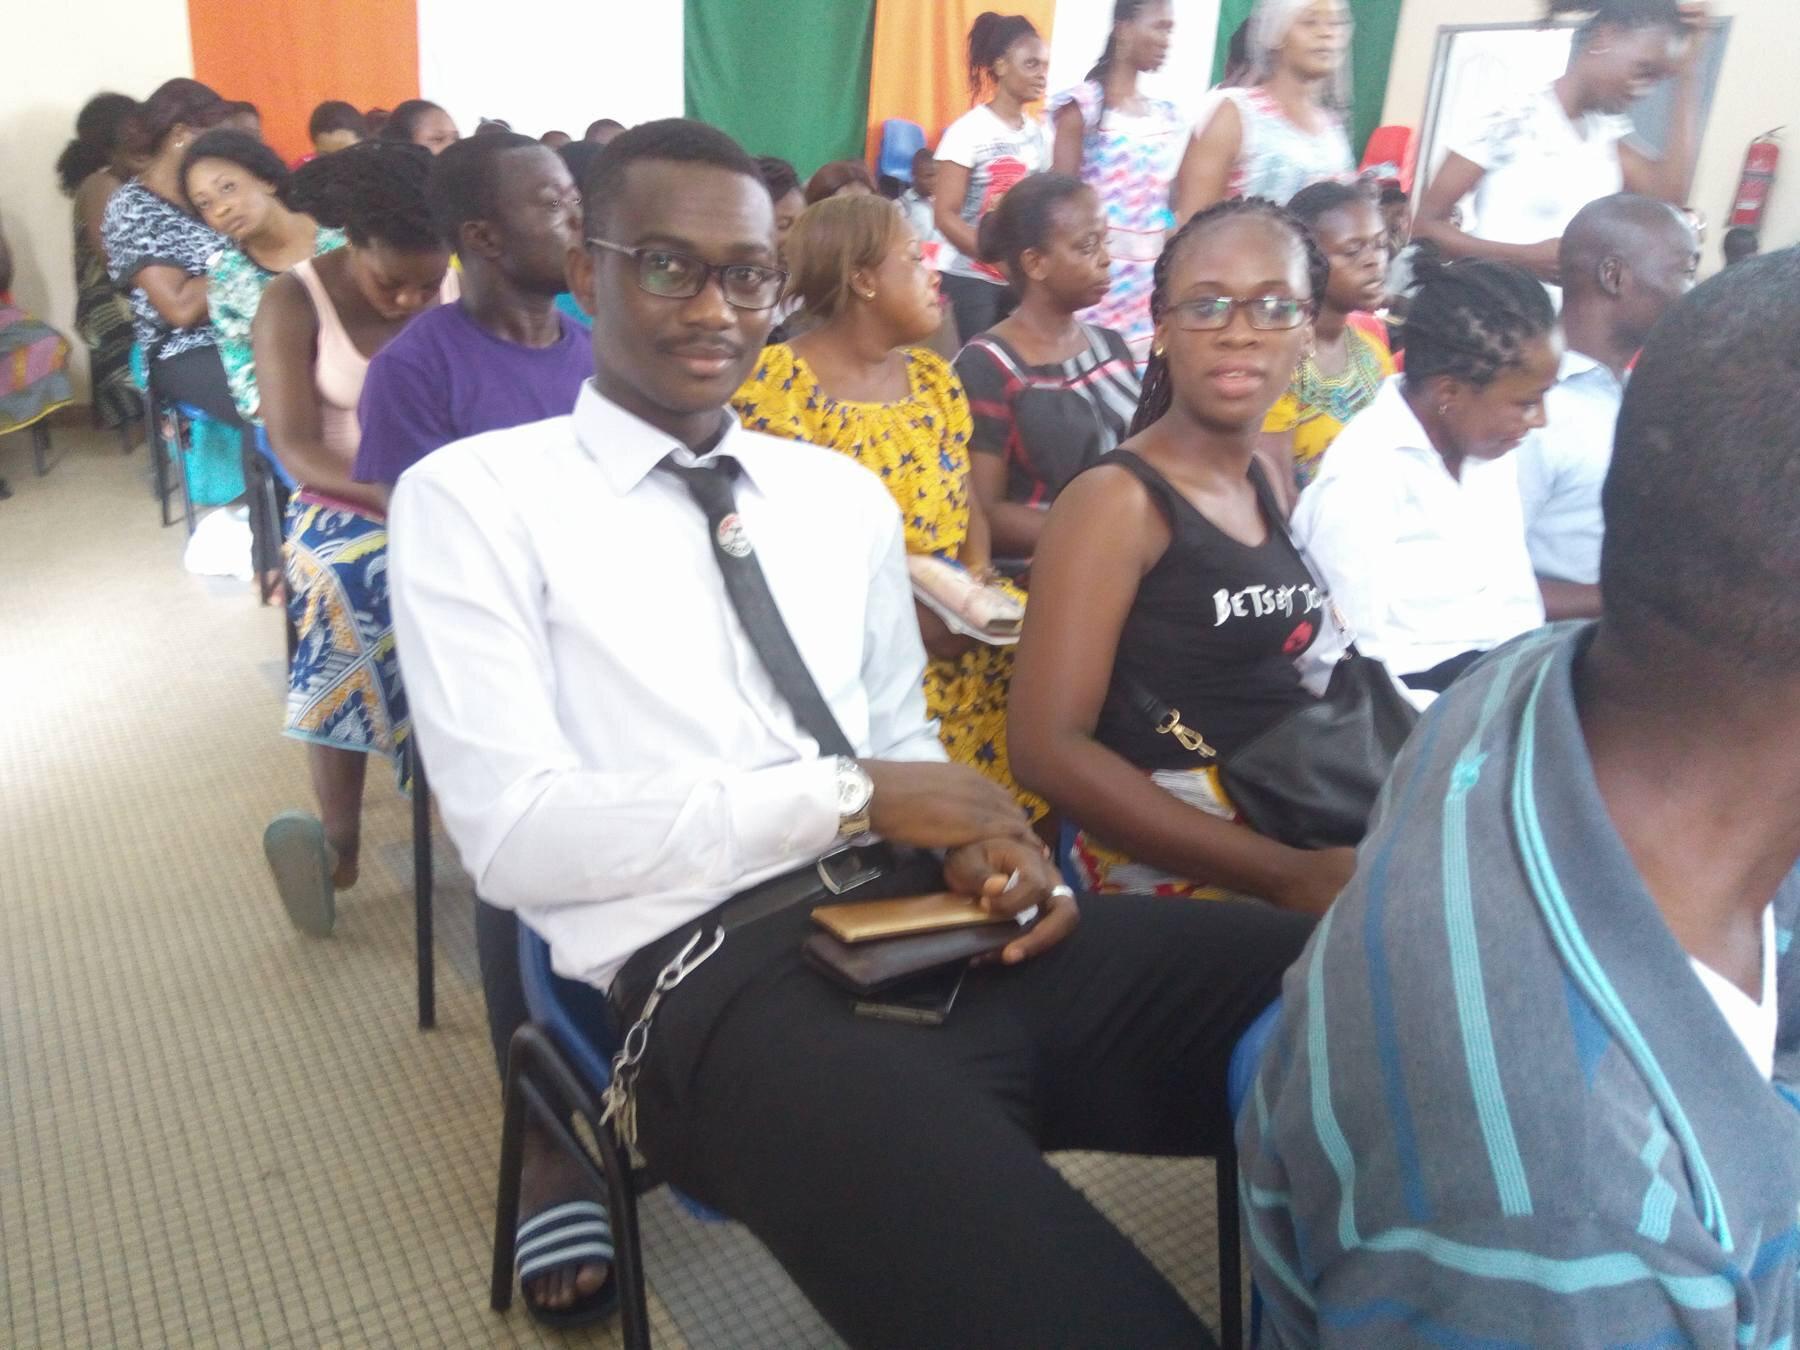 CAFOP D'ABOISSO/SERVICE VIE SCOLAIRE: ELECTION DU PRESIDENT DE LA 36e PROMOTION 13/12/2017 à 15 heure